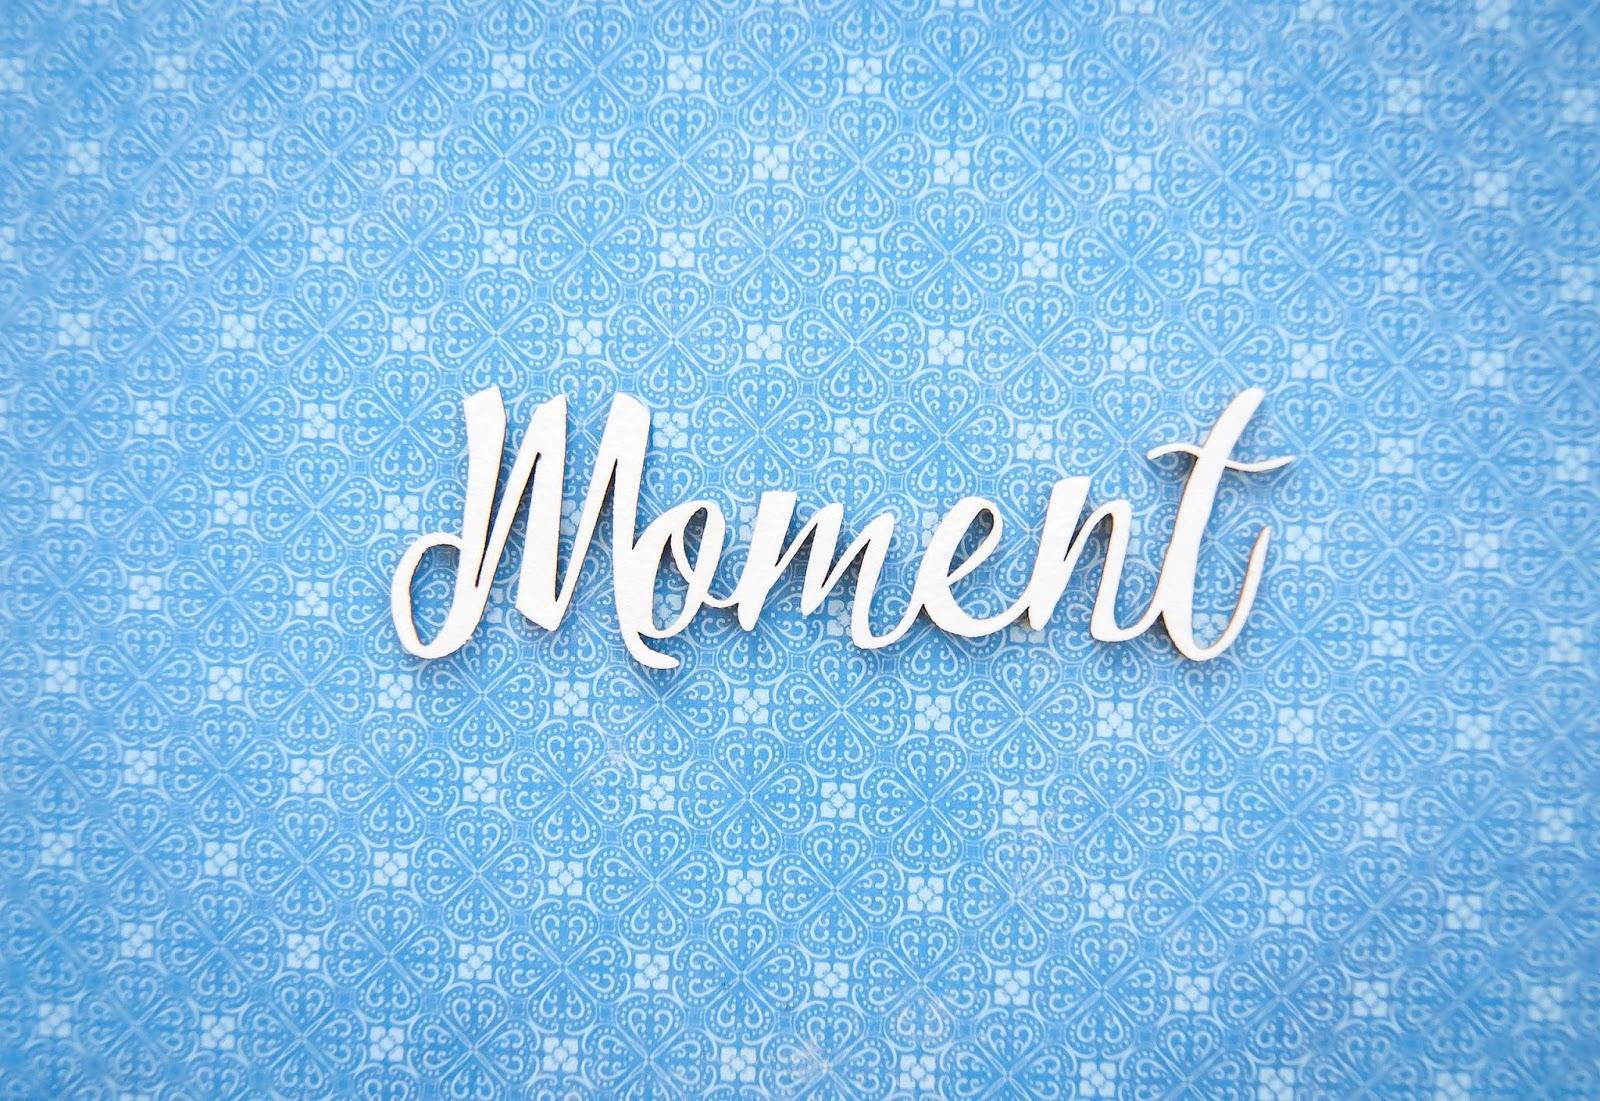 Картинки с надписью счастливые моменты